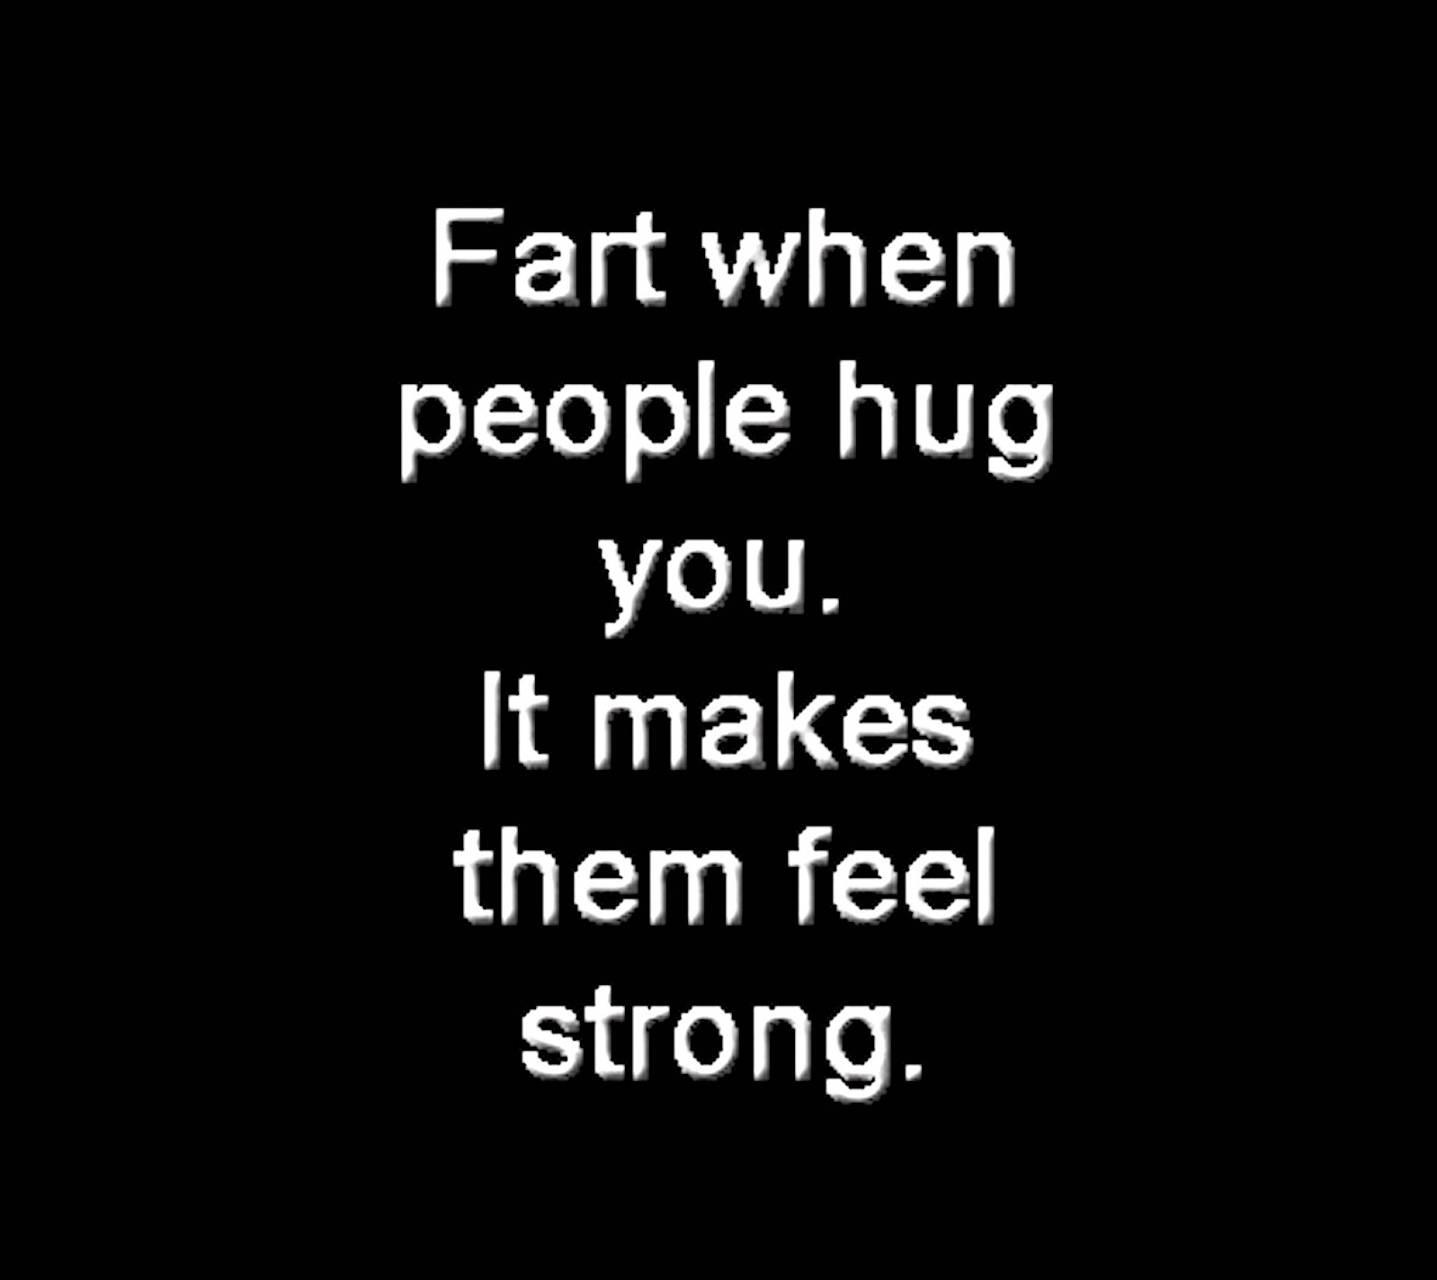 When People Hug You